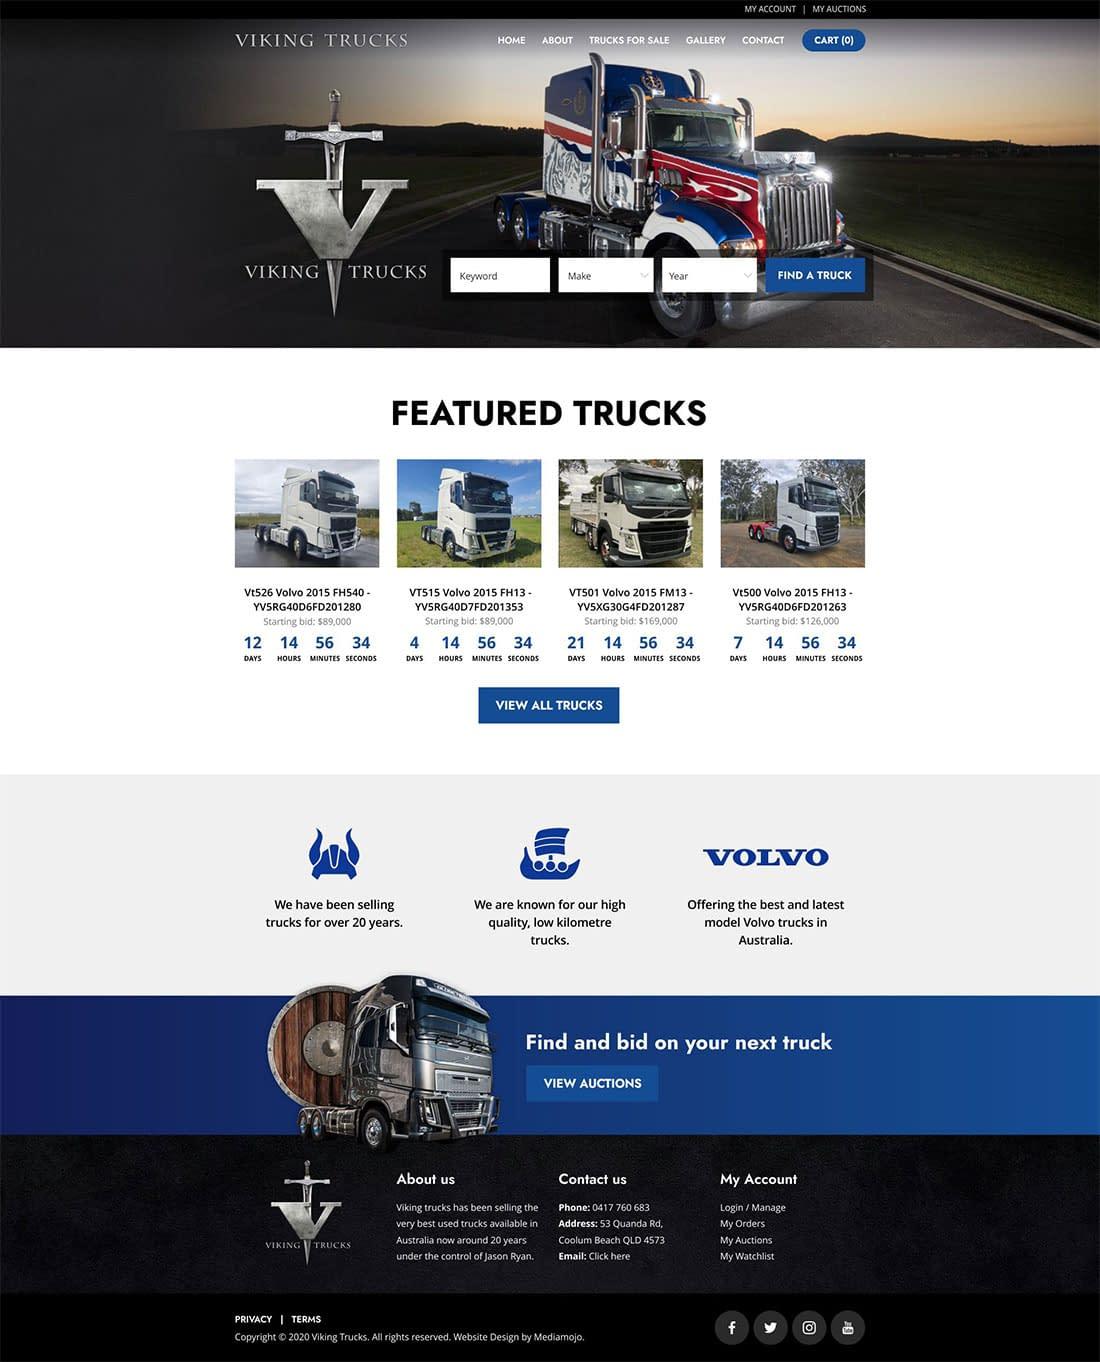 Viking Trucks website design